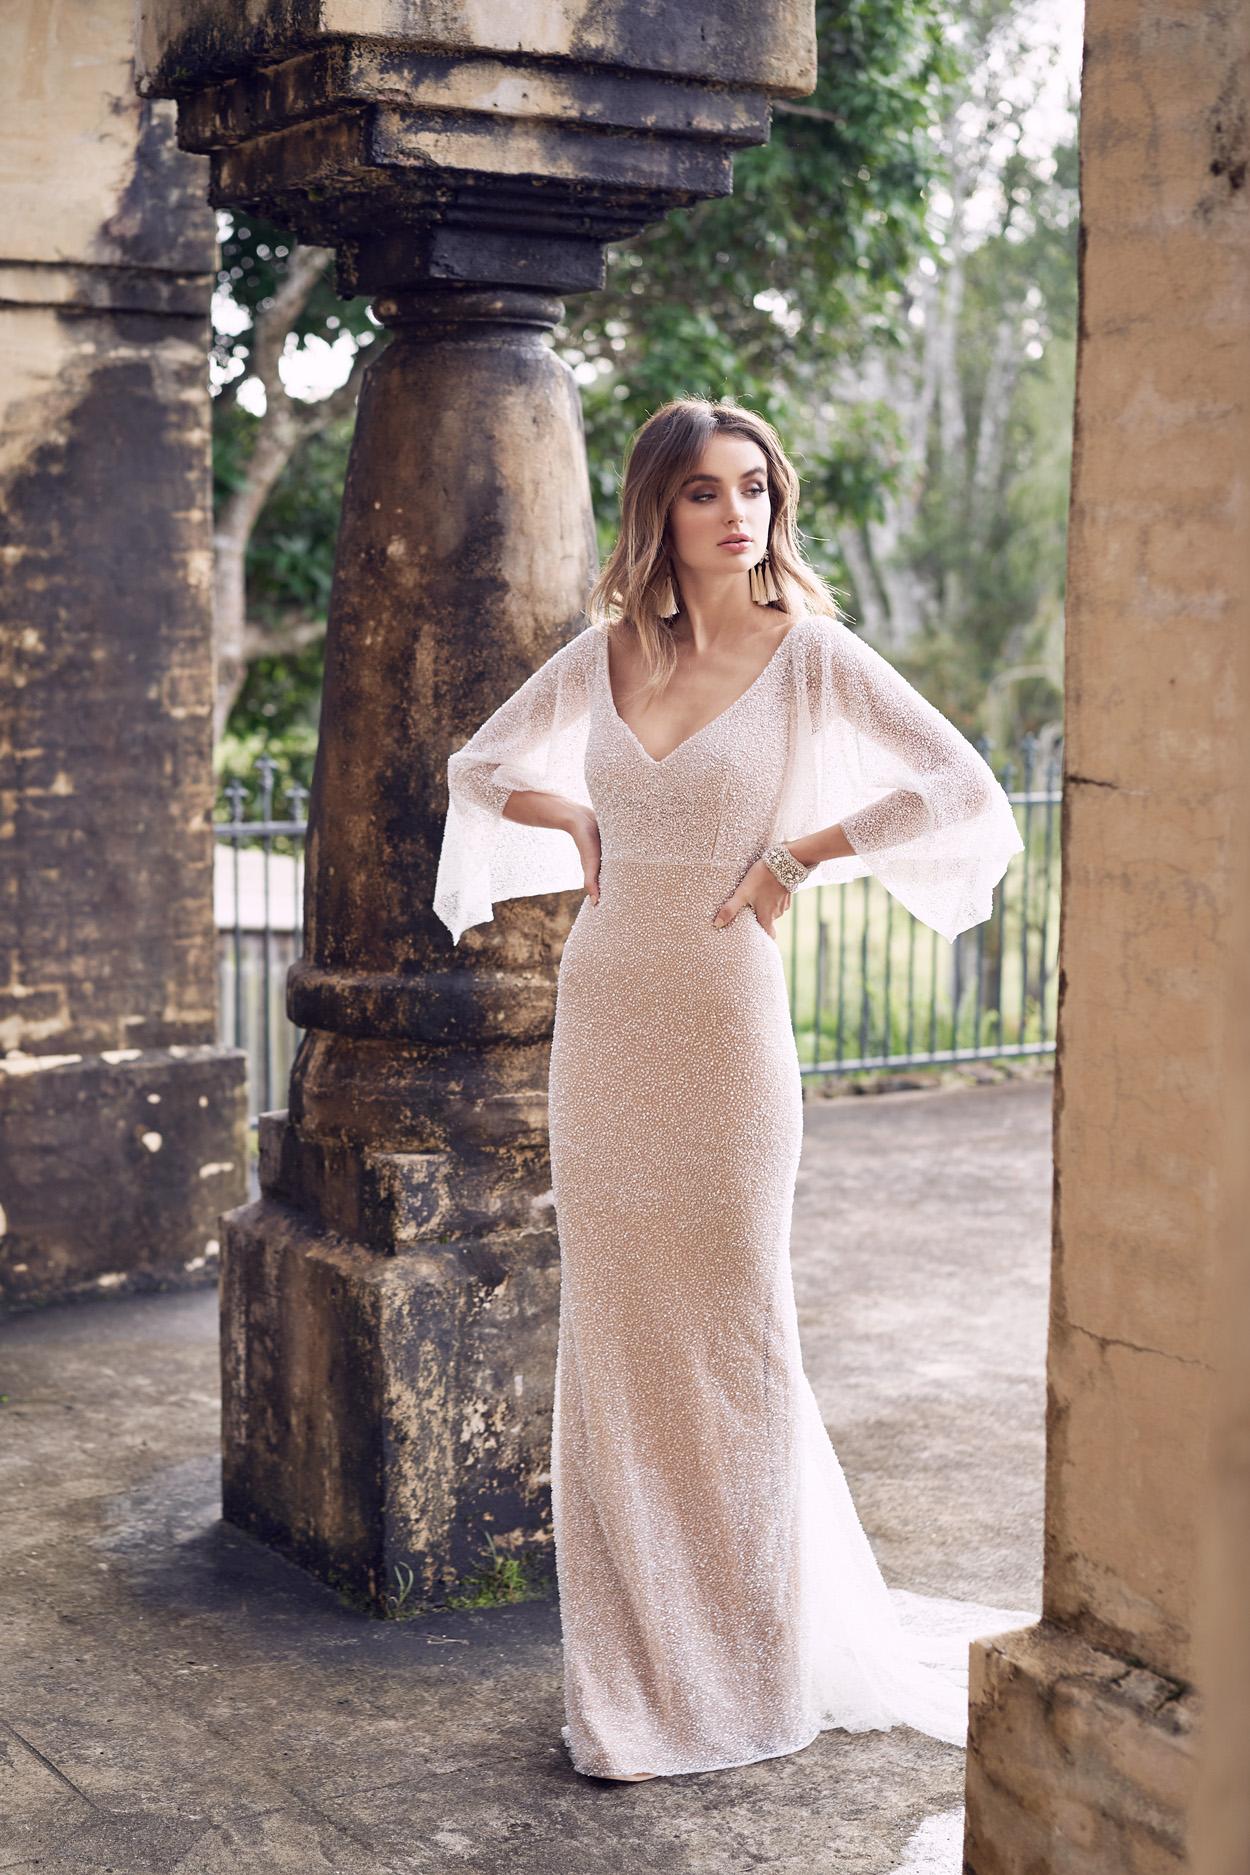 Wanda_Dress_wanderlust_anna_campbell_wedding_Dress_inspire_Weddings.jpg